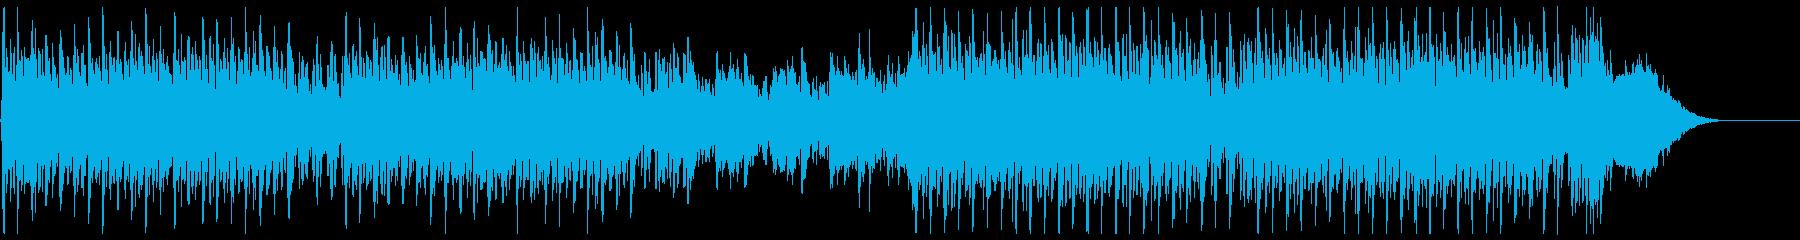 気高さと疾走感を描く合唱曲の再生済みの波形